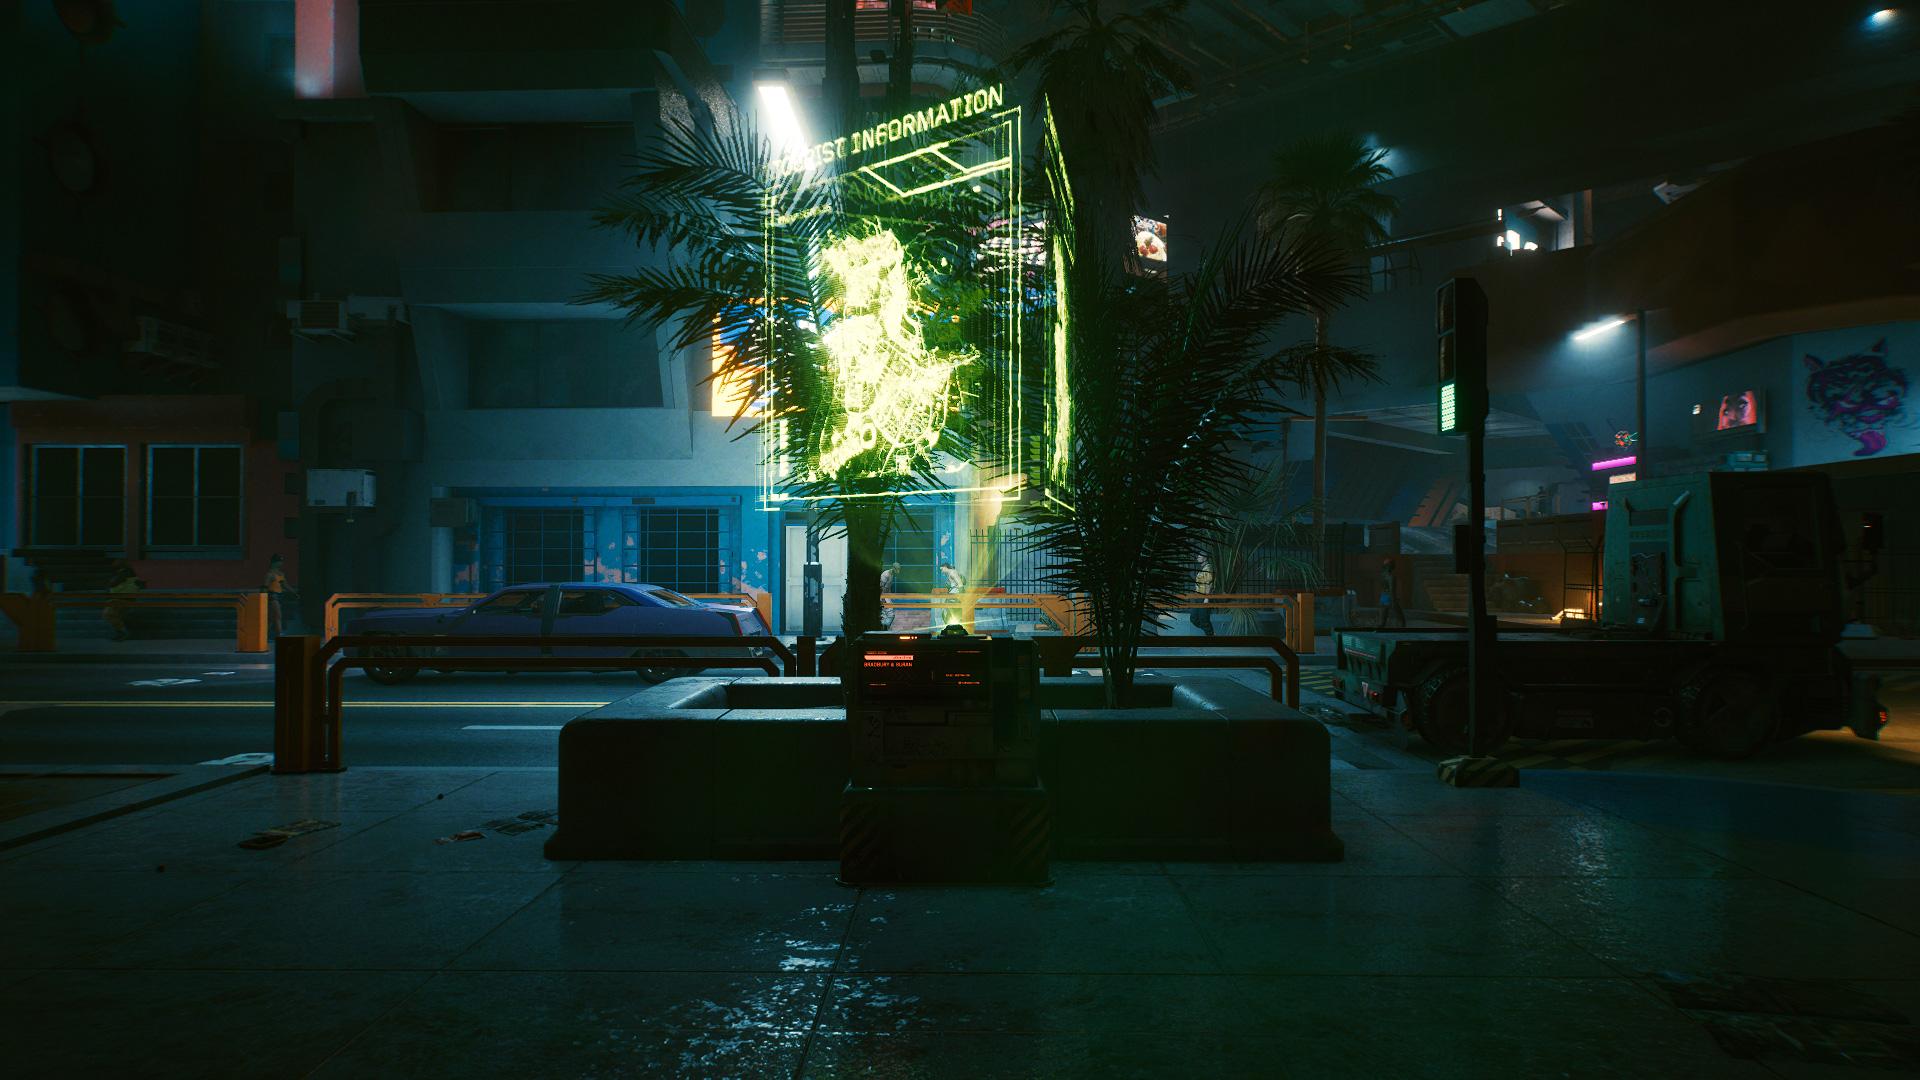 Comment voyager rapidement dans Cyberpunk 2077